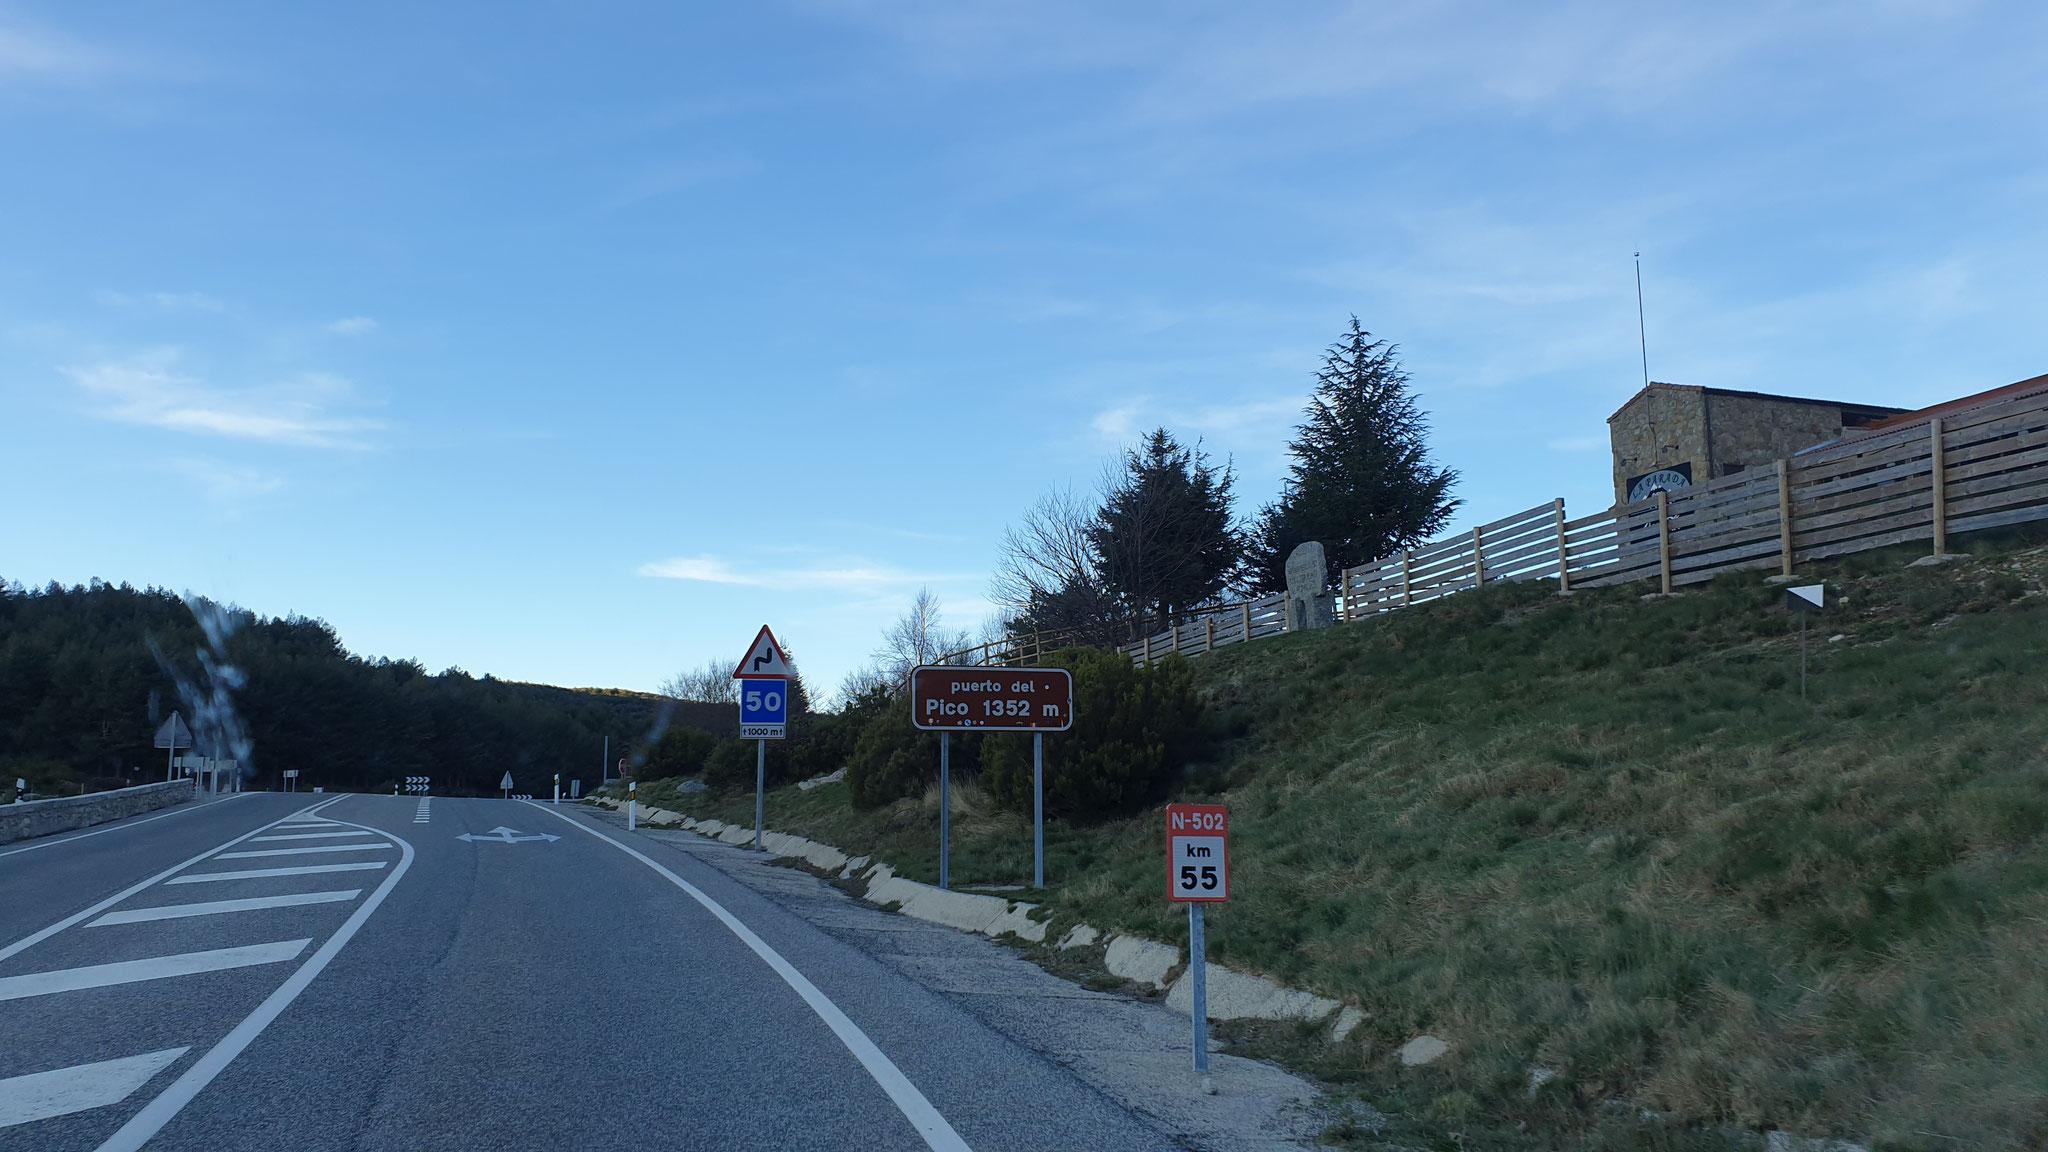 Passhöhe erreicht - Steinbock leider nicht fotografiert